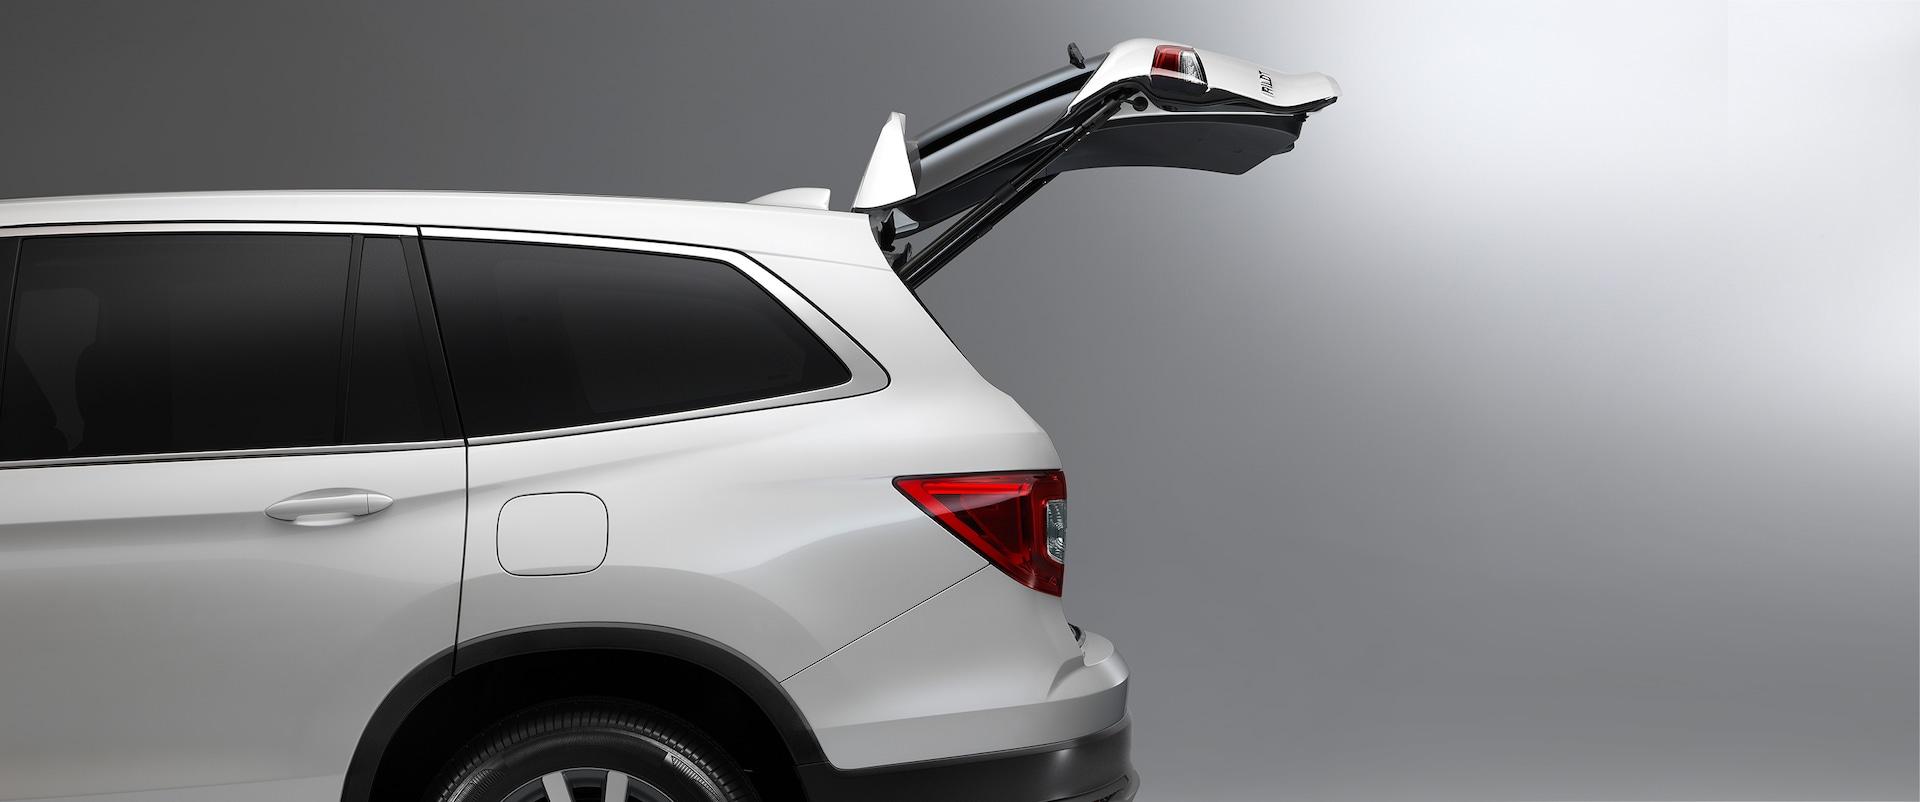 New 2020 Honda Dealer in Everett